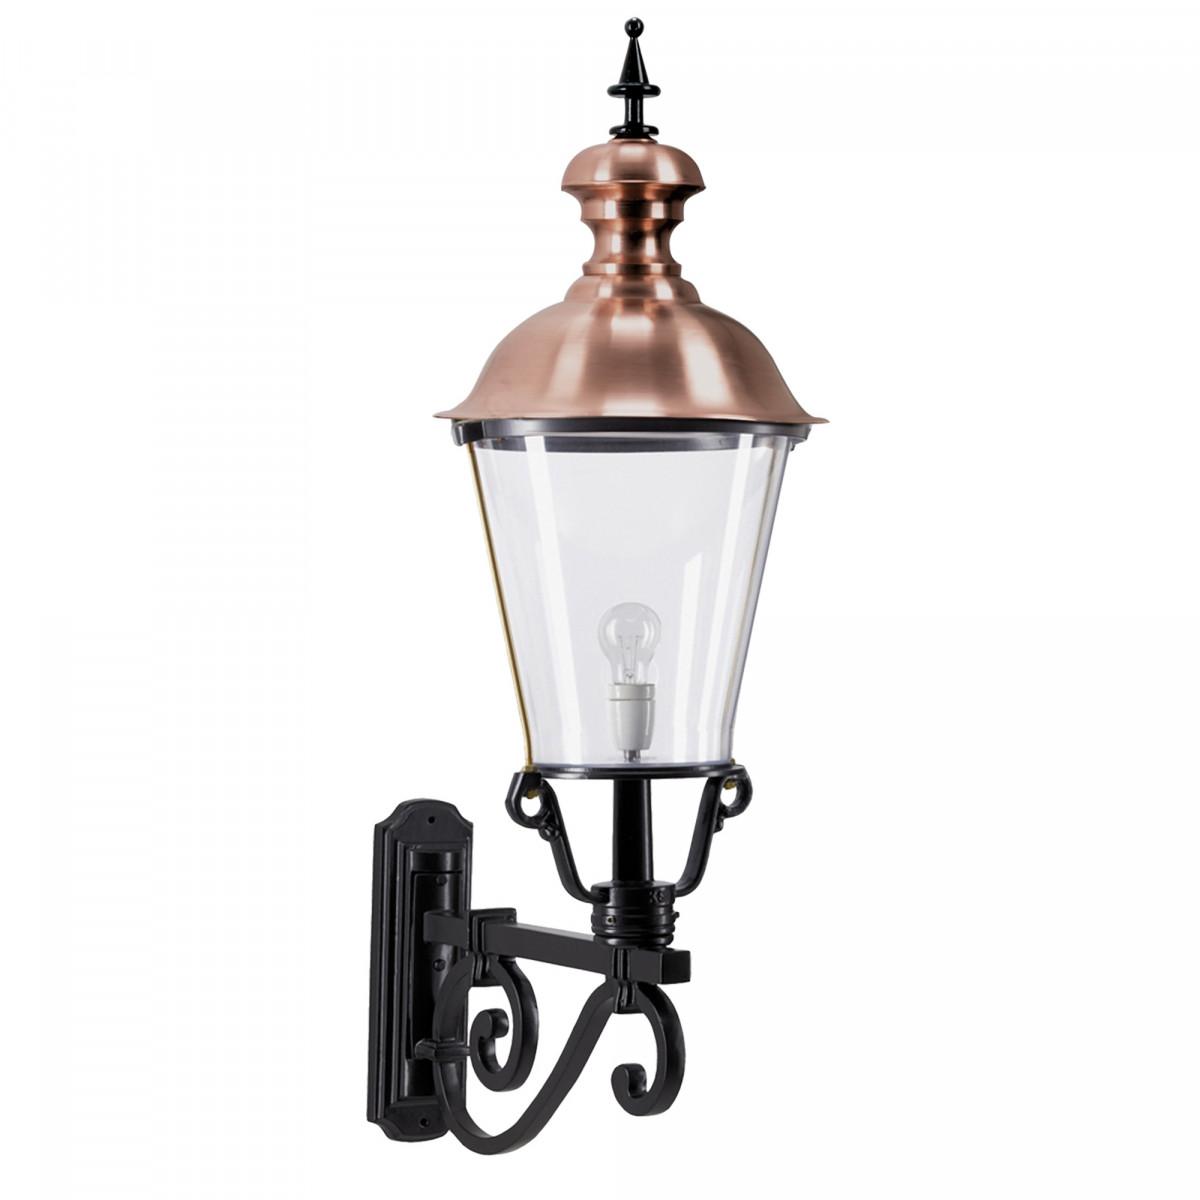 Exclusieve buitenlamp Notaris koper XL